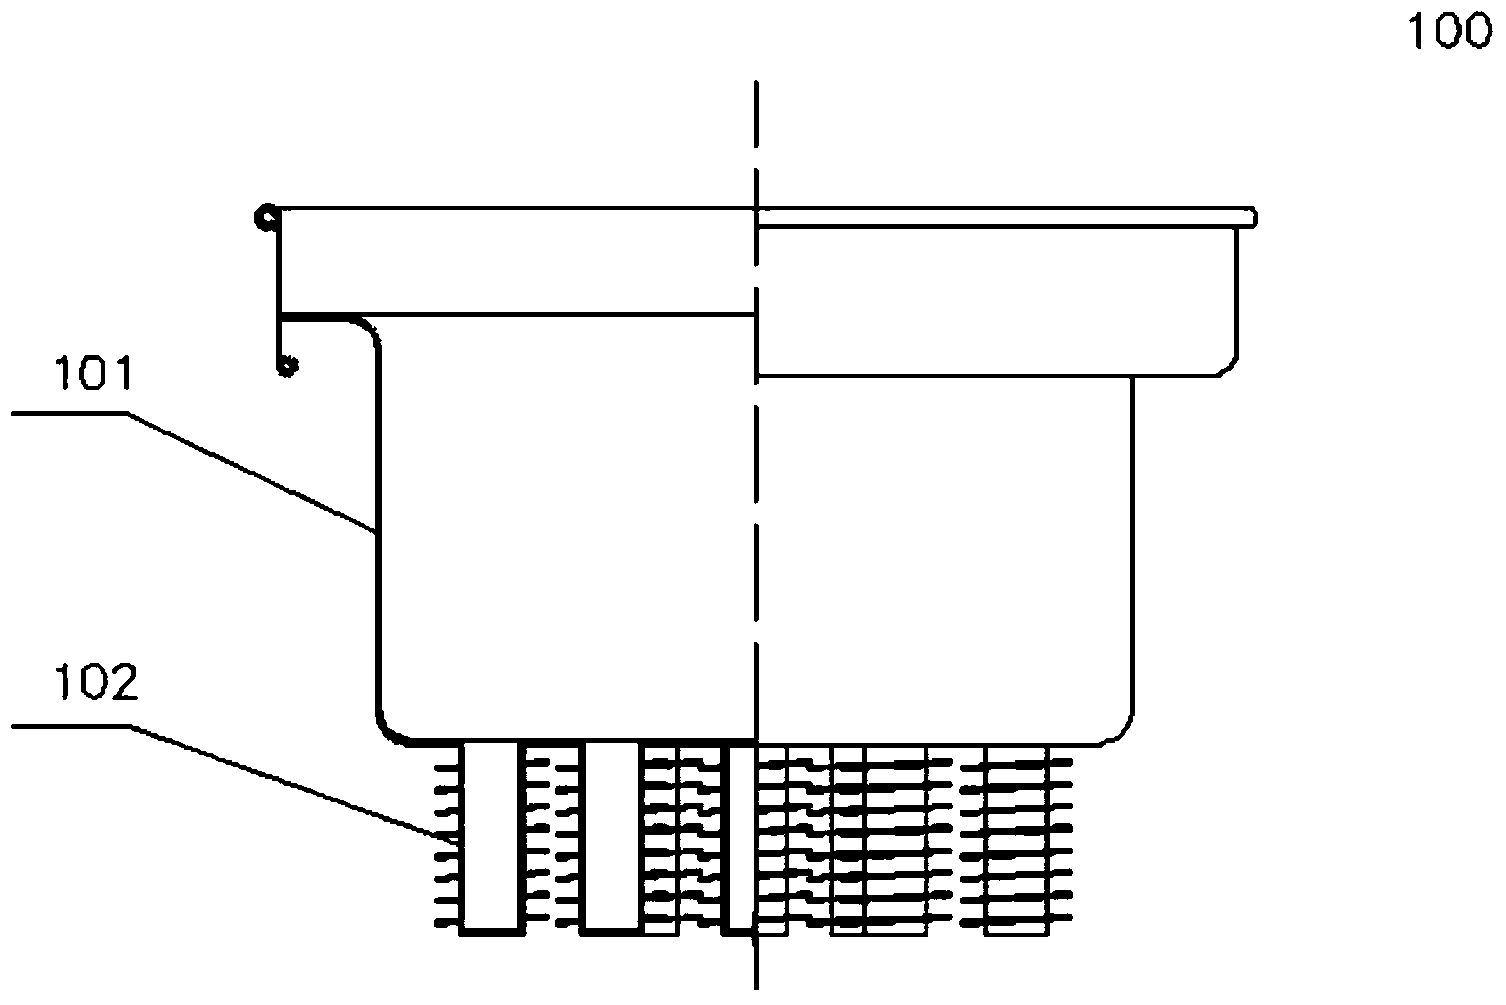 一种商用中餐燃气炒菜灶中烟气余热尾锅的聚能装置